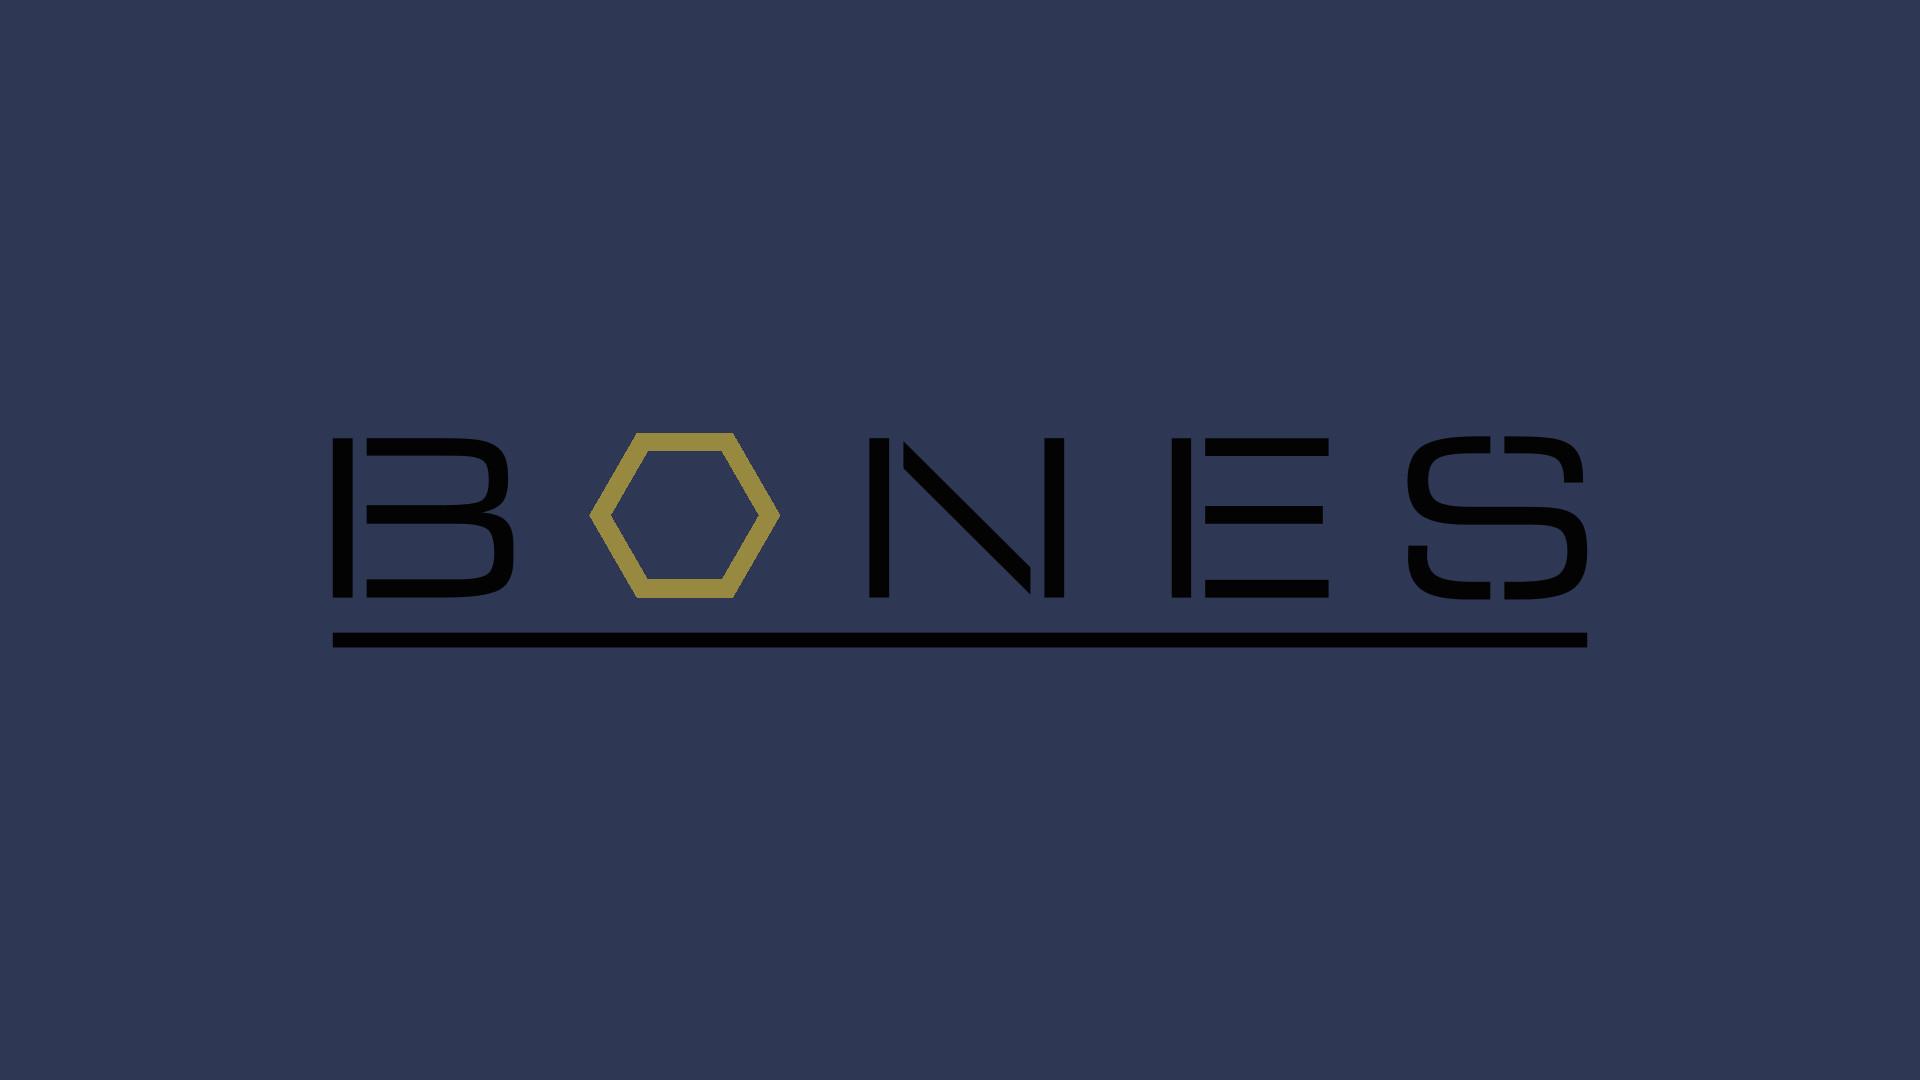 Bones Tv Show Logo Images Galleries